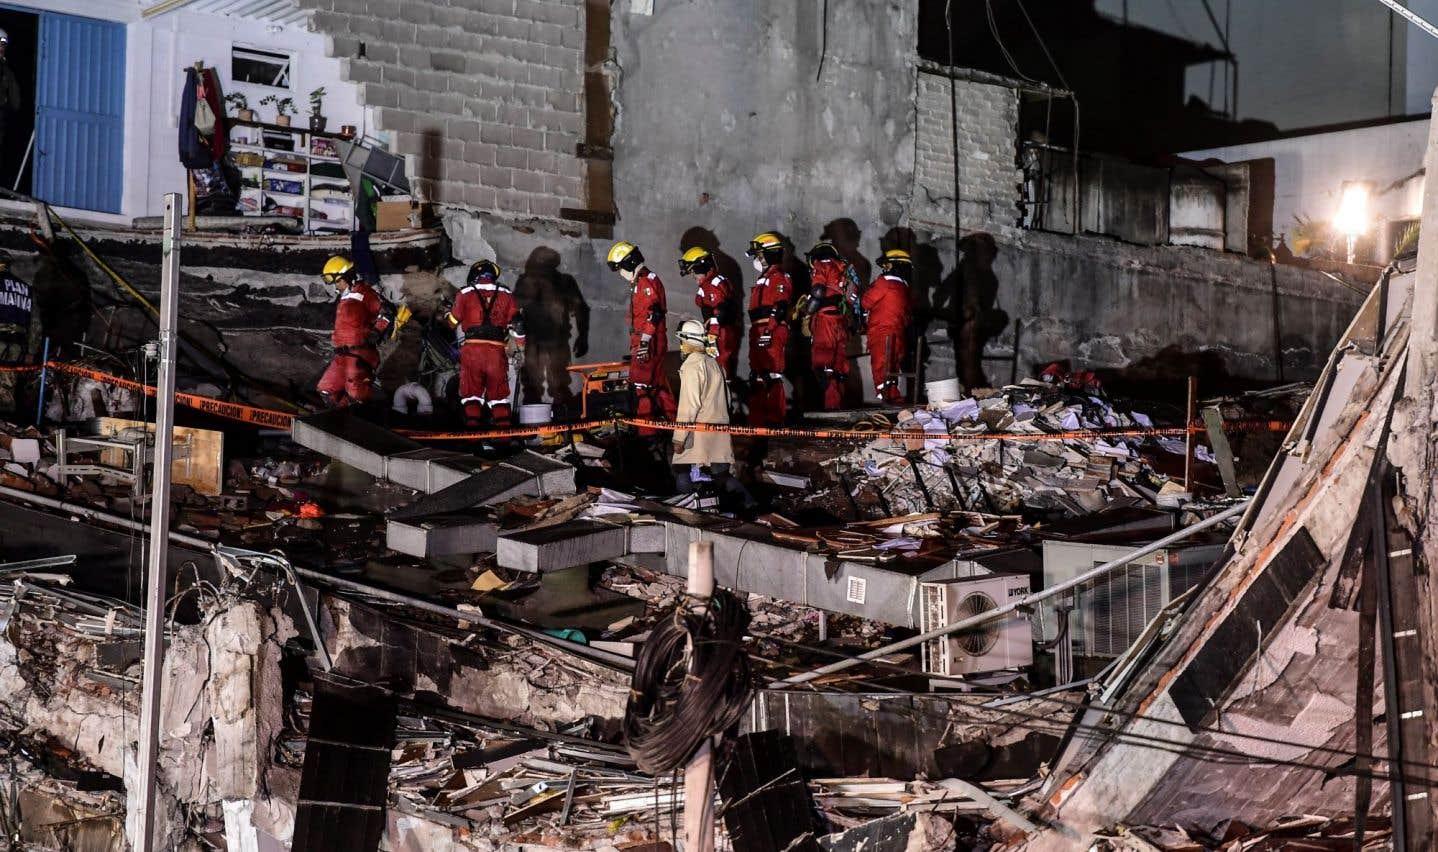 Les responsables ont assuré que les opérations de secours se poursuivront tant qu'il y aura espoir de retrouver des survivants.